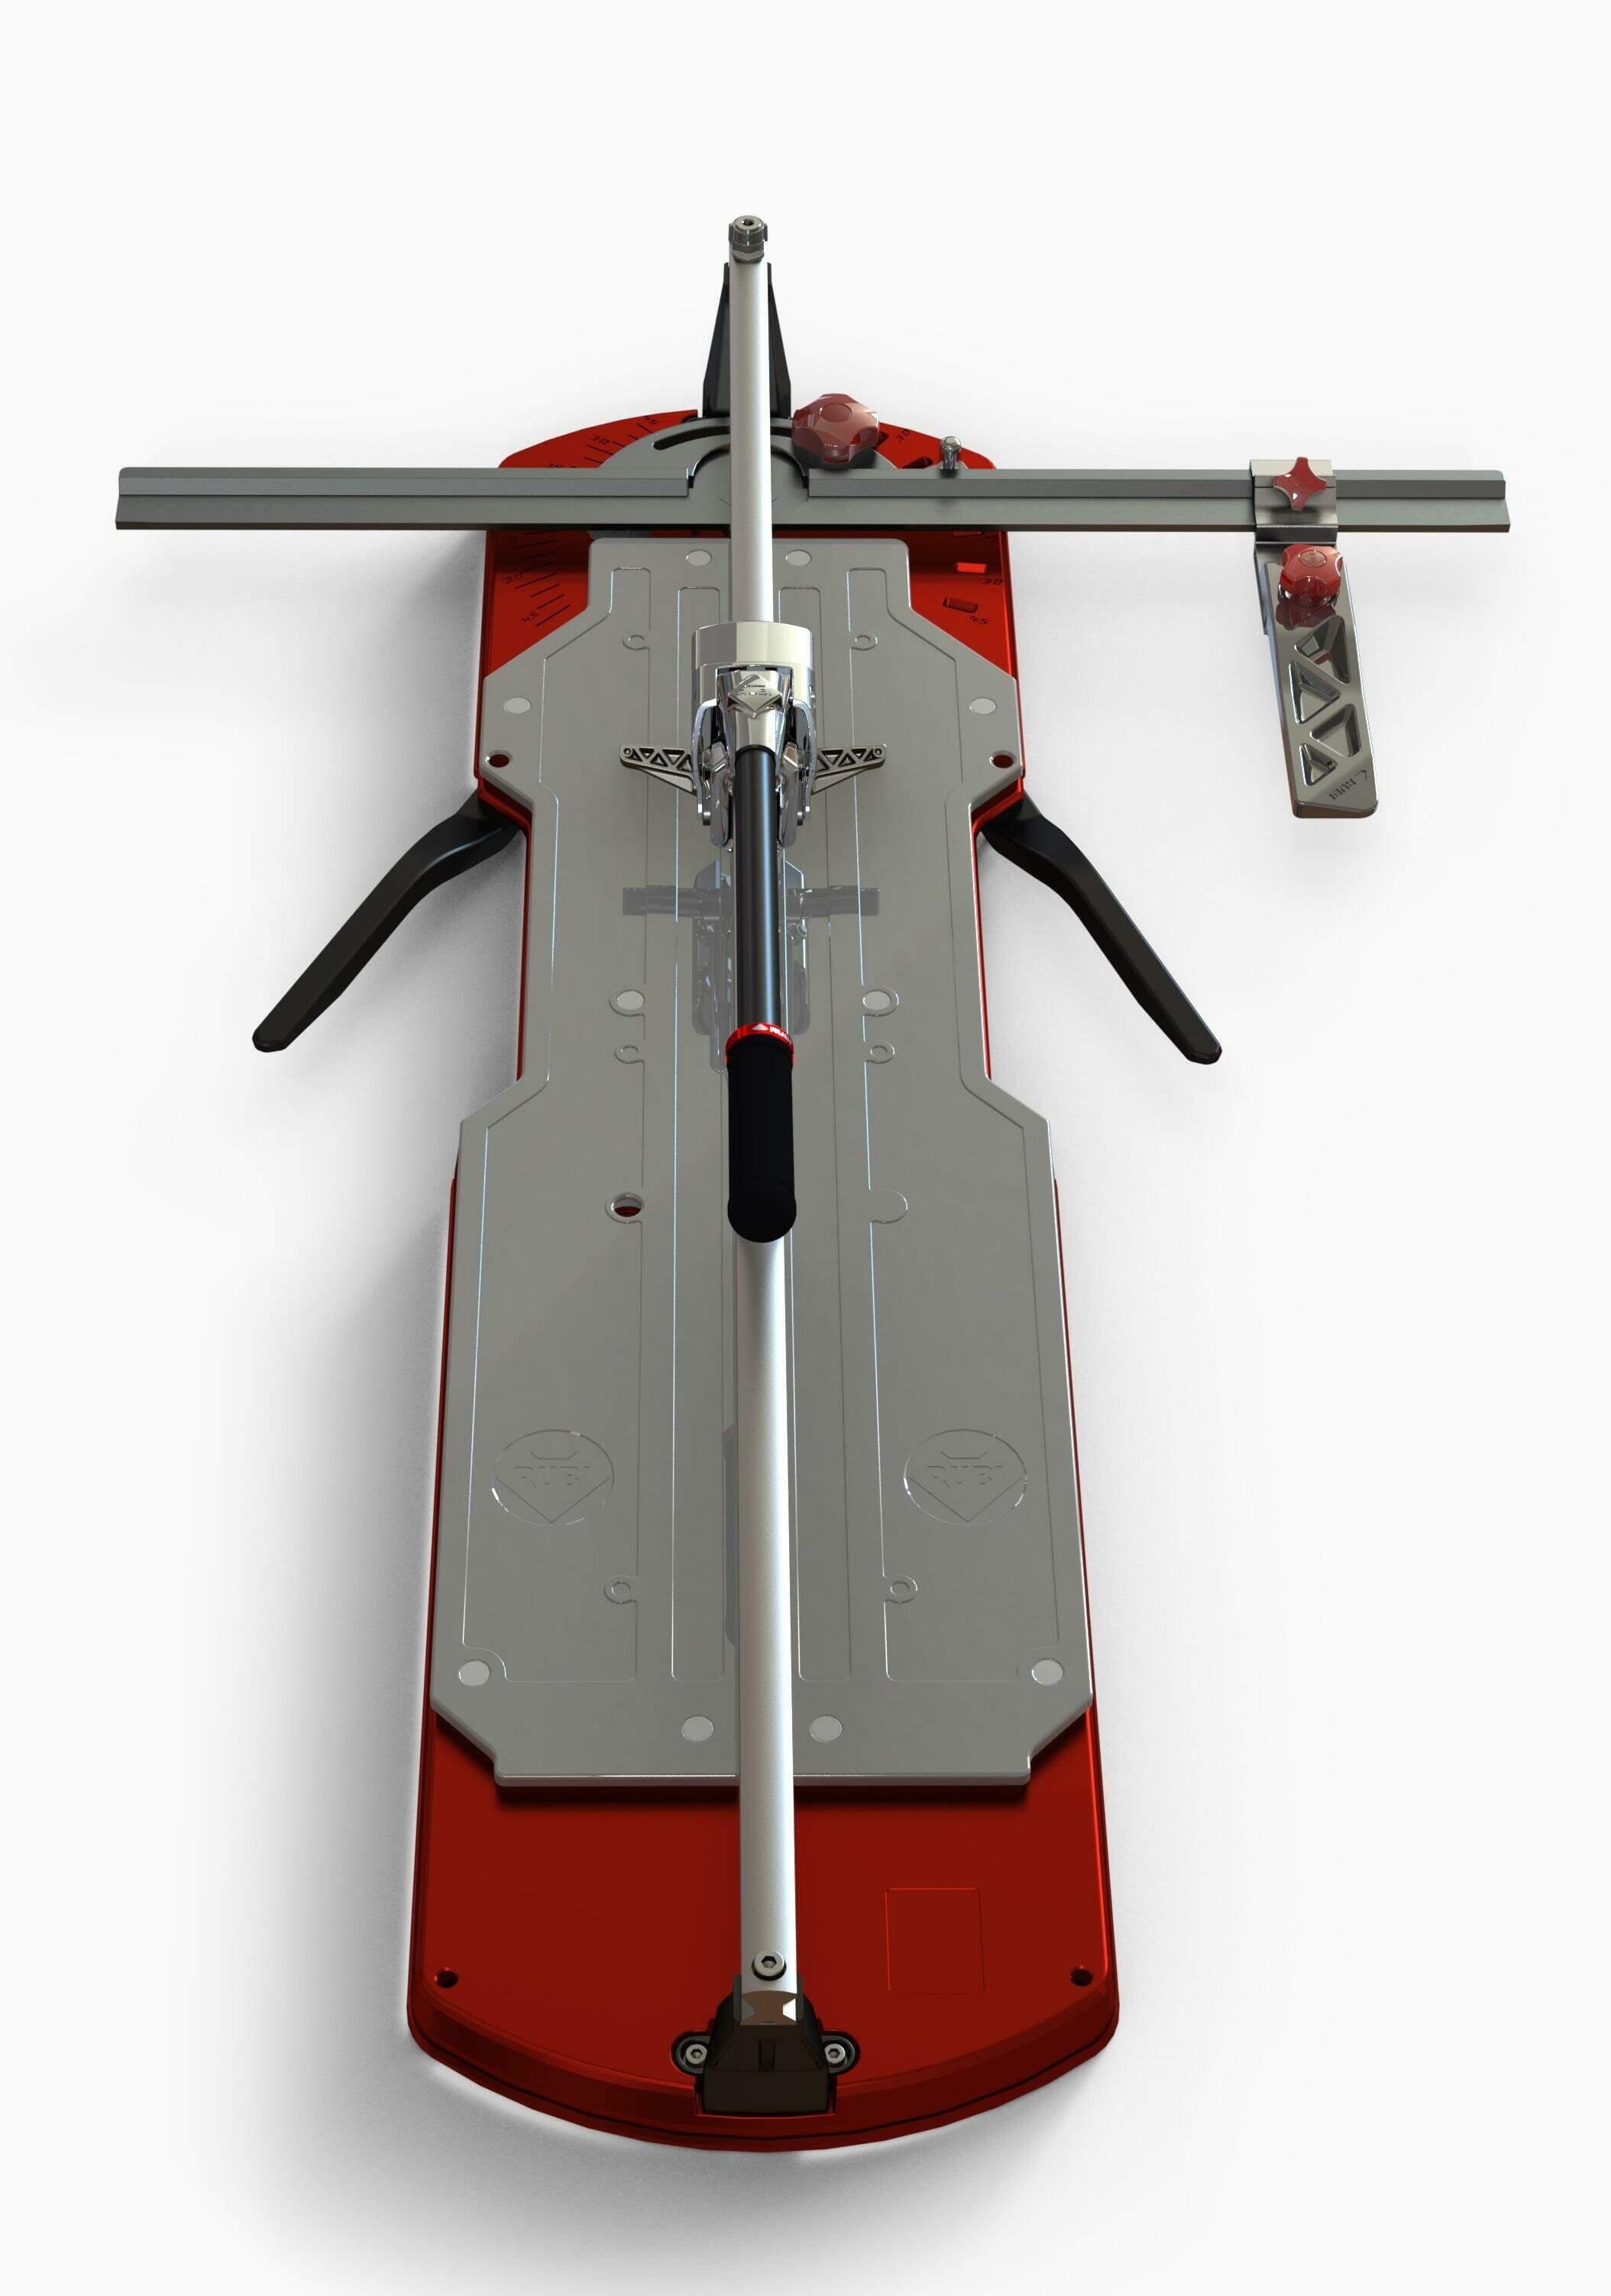 De grootste uitvoering van de TQ tegelsnijder heeft extra zijsteunen voor grootformaat tegels.